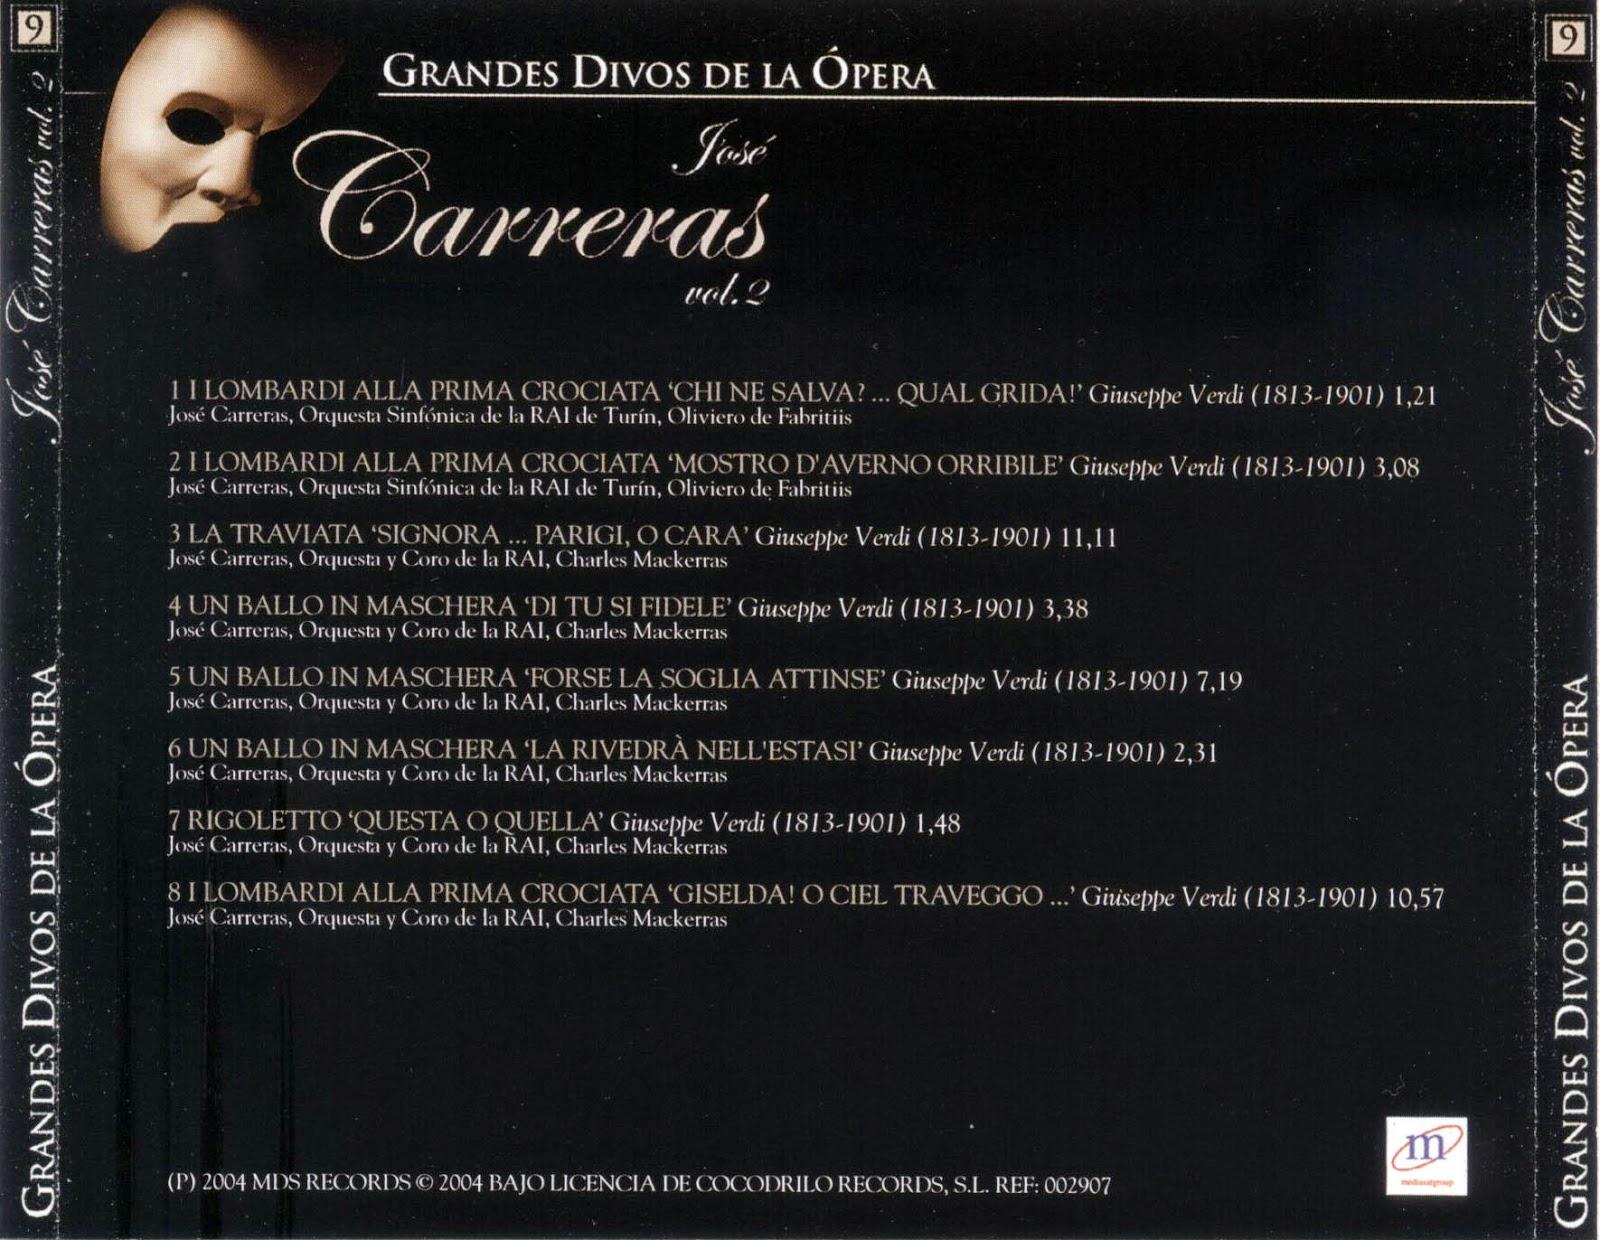 Grandes Divos de la Ópera-cd9-José Carreras-carátula trasera